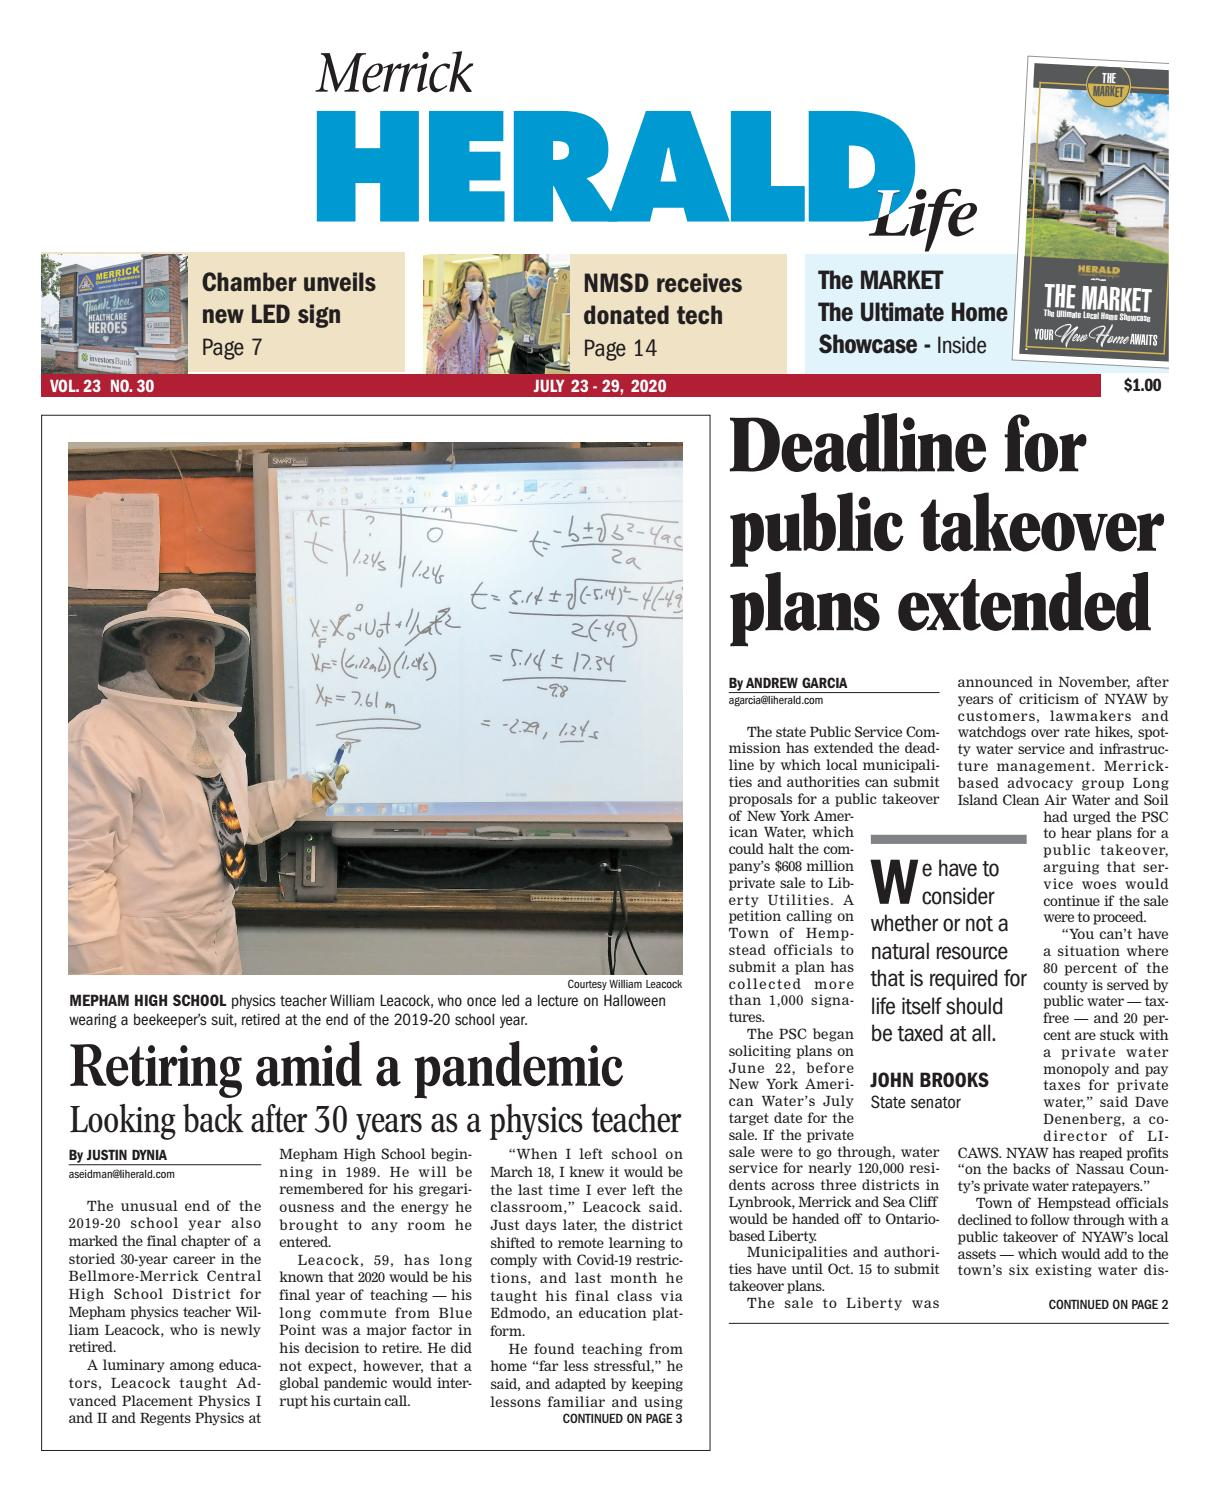 Merrick Halloween Parade 2020 Merrick Herald 07 23 2020 by Richner Communications, Inc   issuu